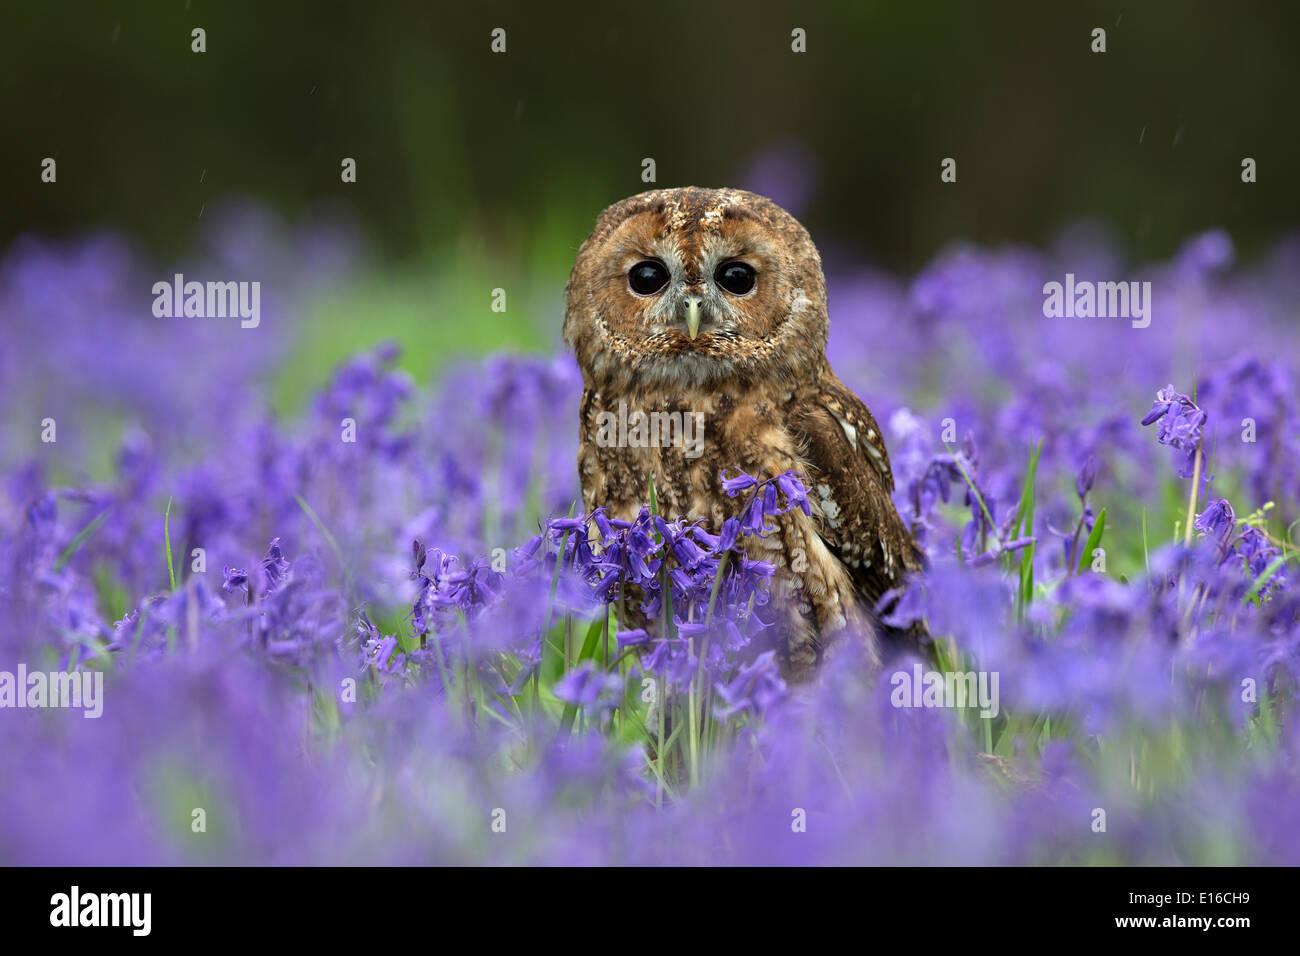 Strix aluco cárabo, sentado en Campanillas Imagen De Stock